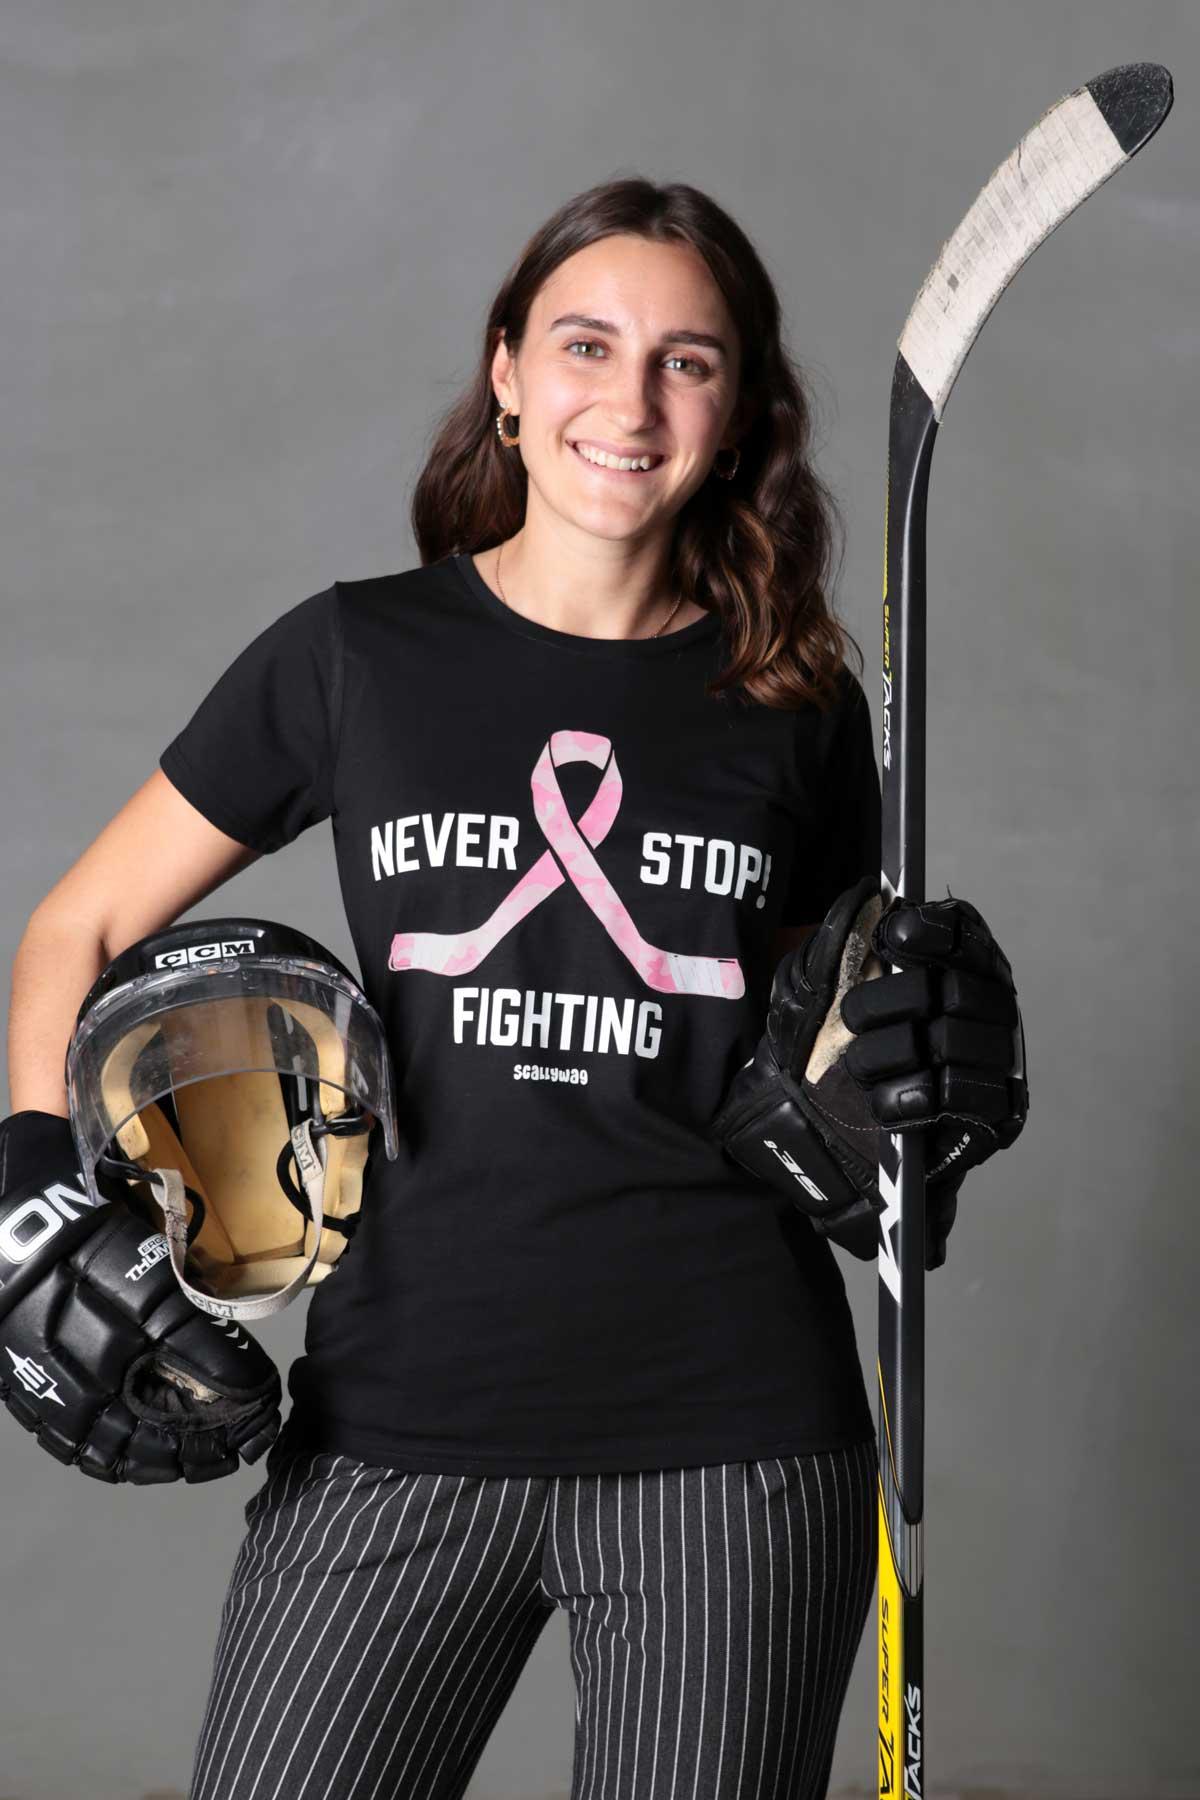 Brustkrebs Deutschland e.V. & SCALLYWAG® - T-Shirt aus der NEVER STOP FIGHTING COLLECTION